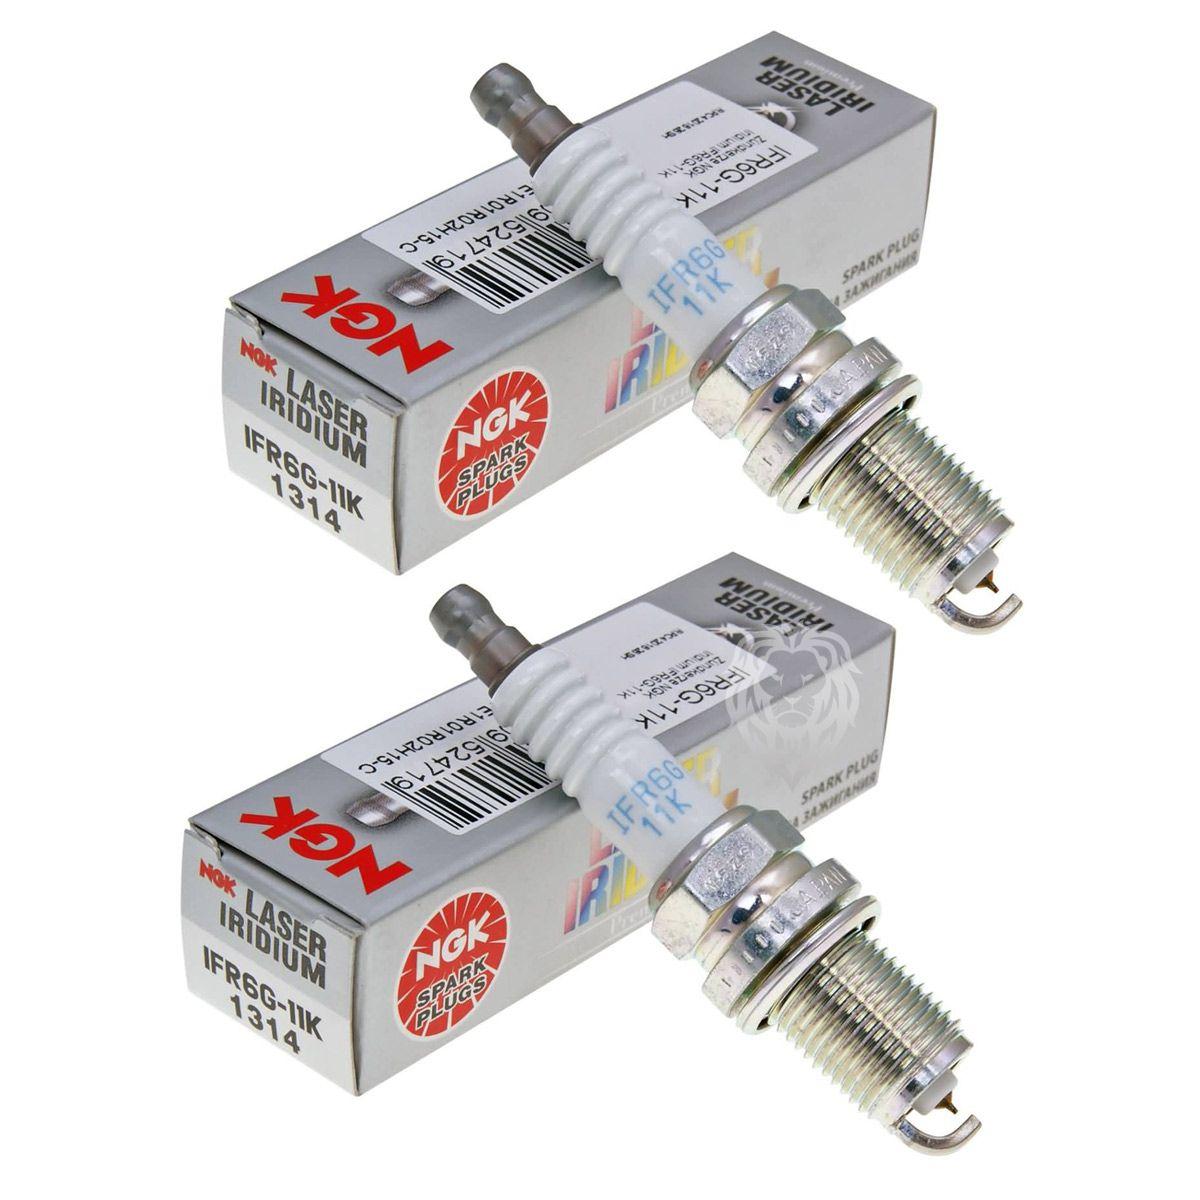 Jg Velas Ngk Laser Iridium NC 700x NC 750X (par) IFR611K